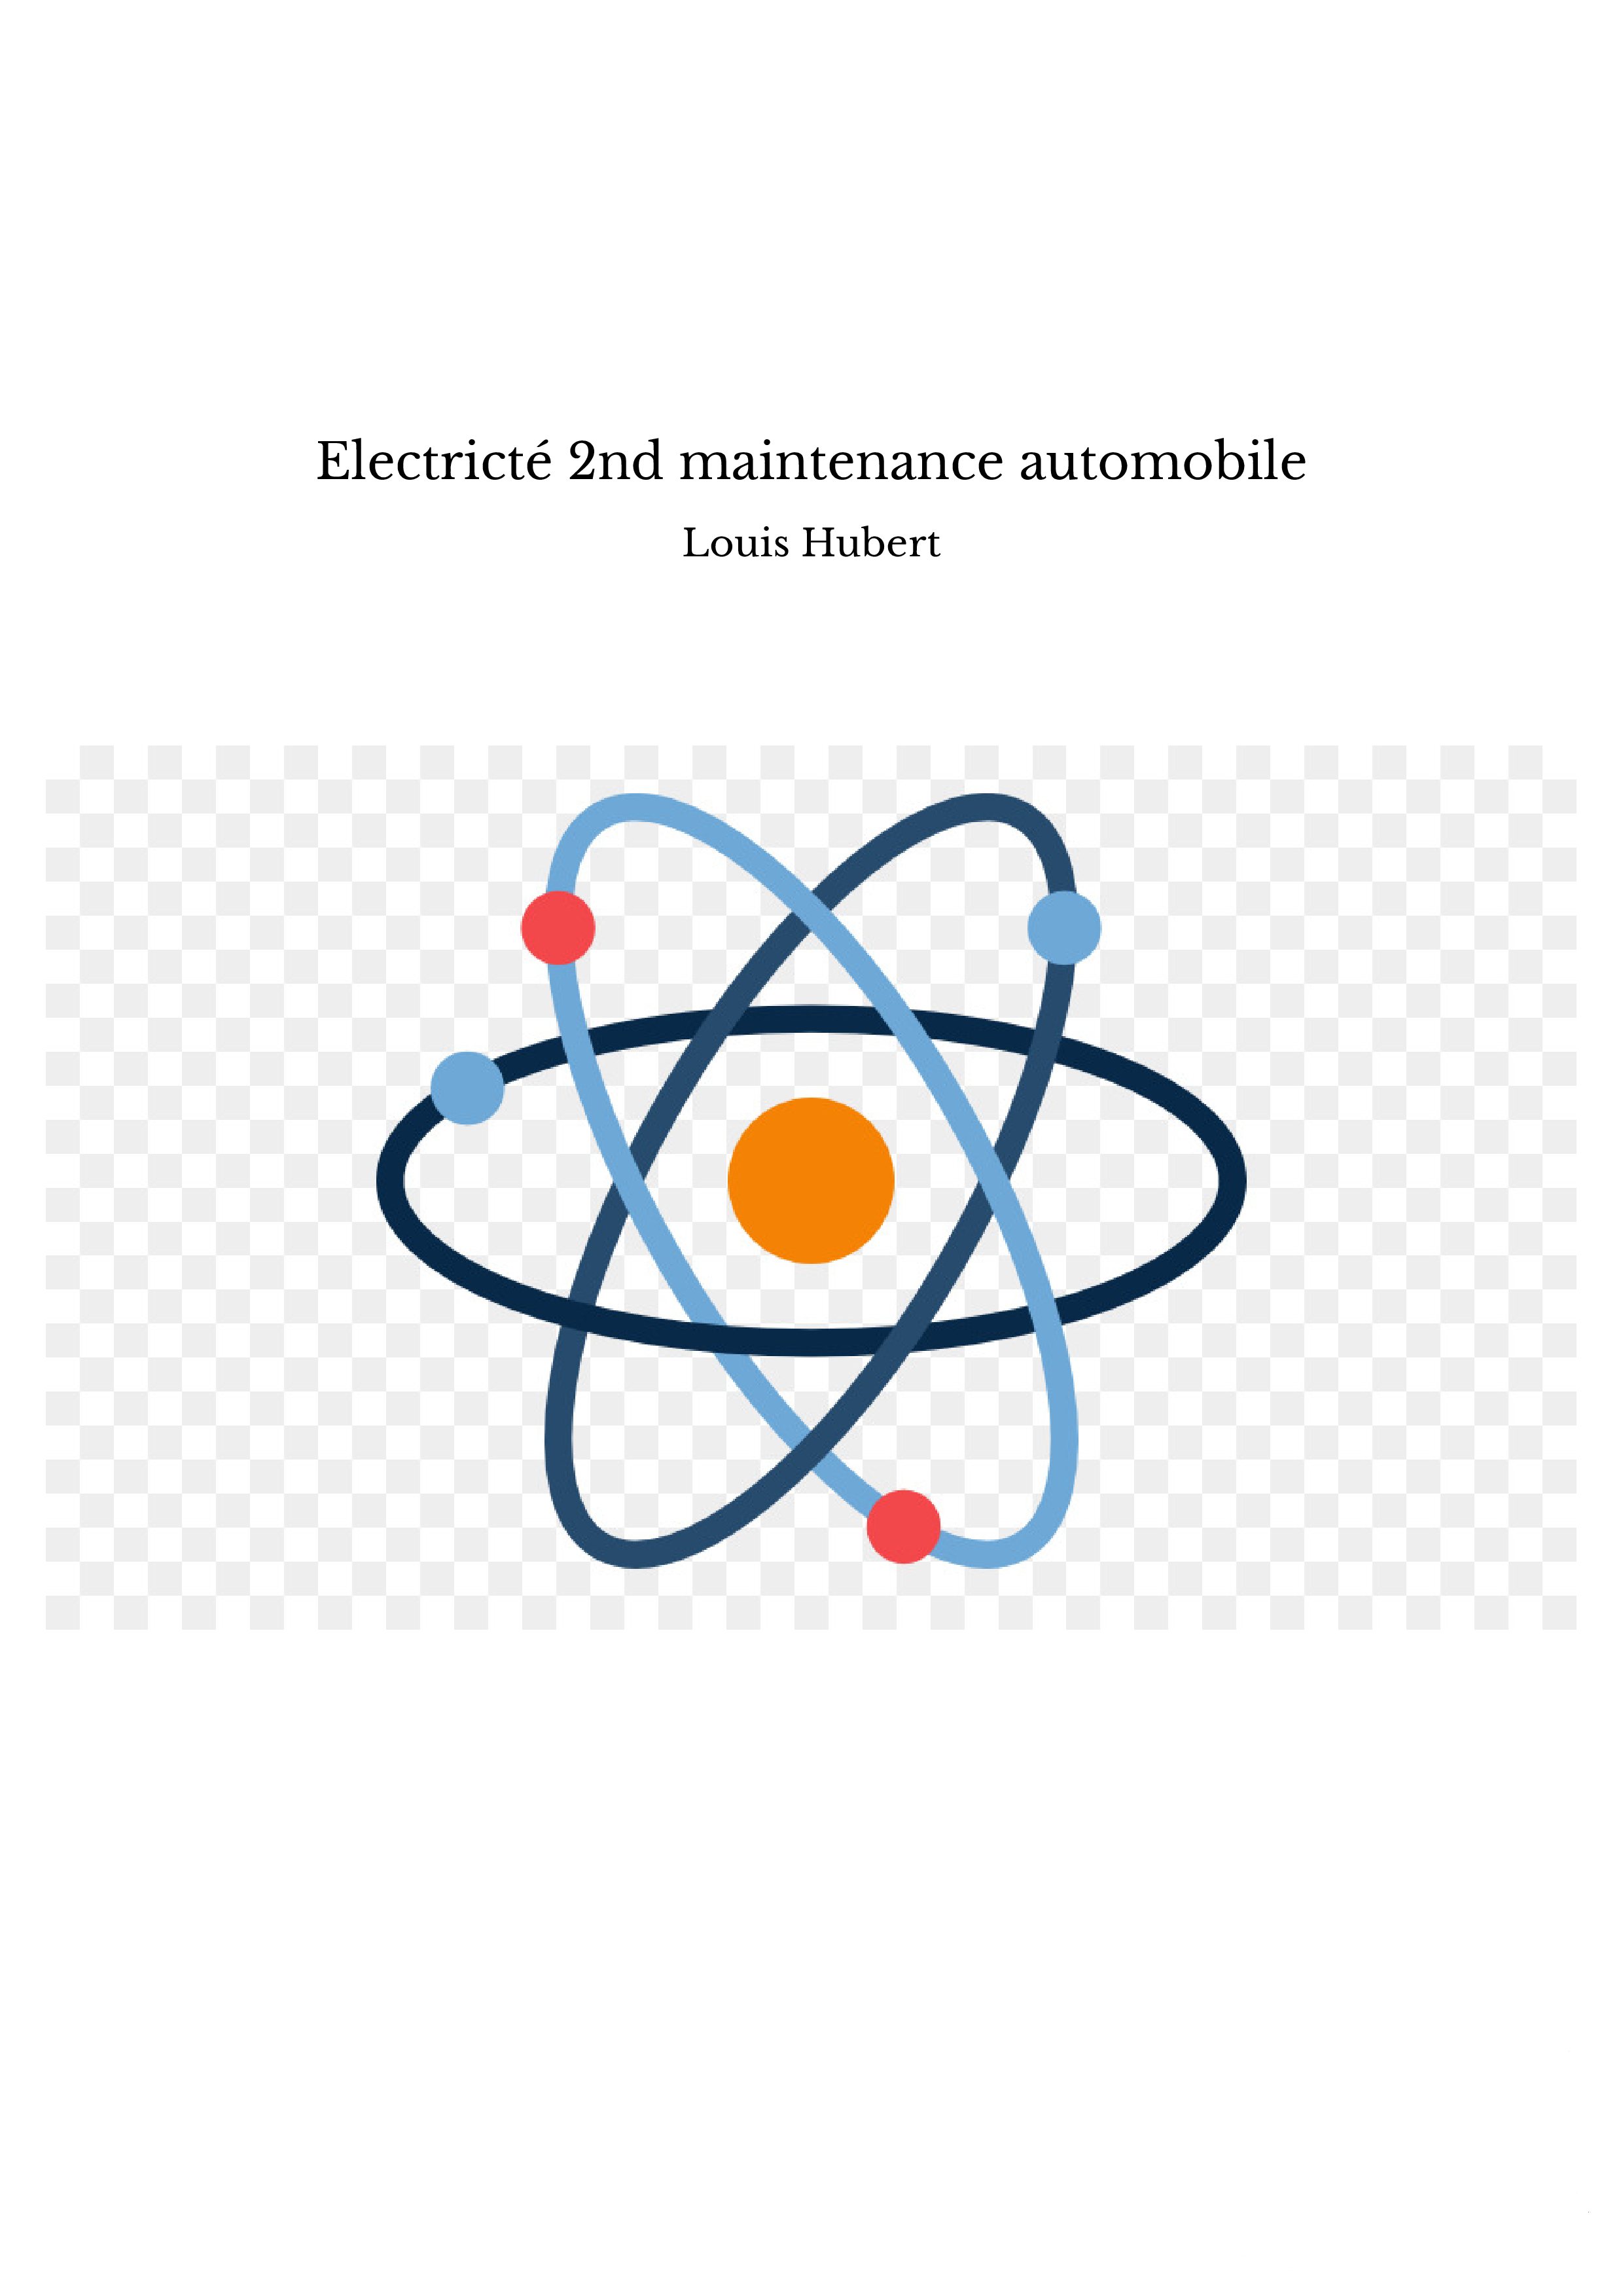 Electricté 2nd maintenance automobile